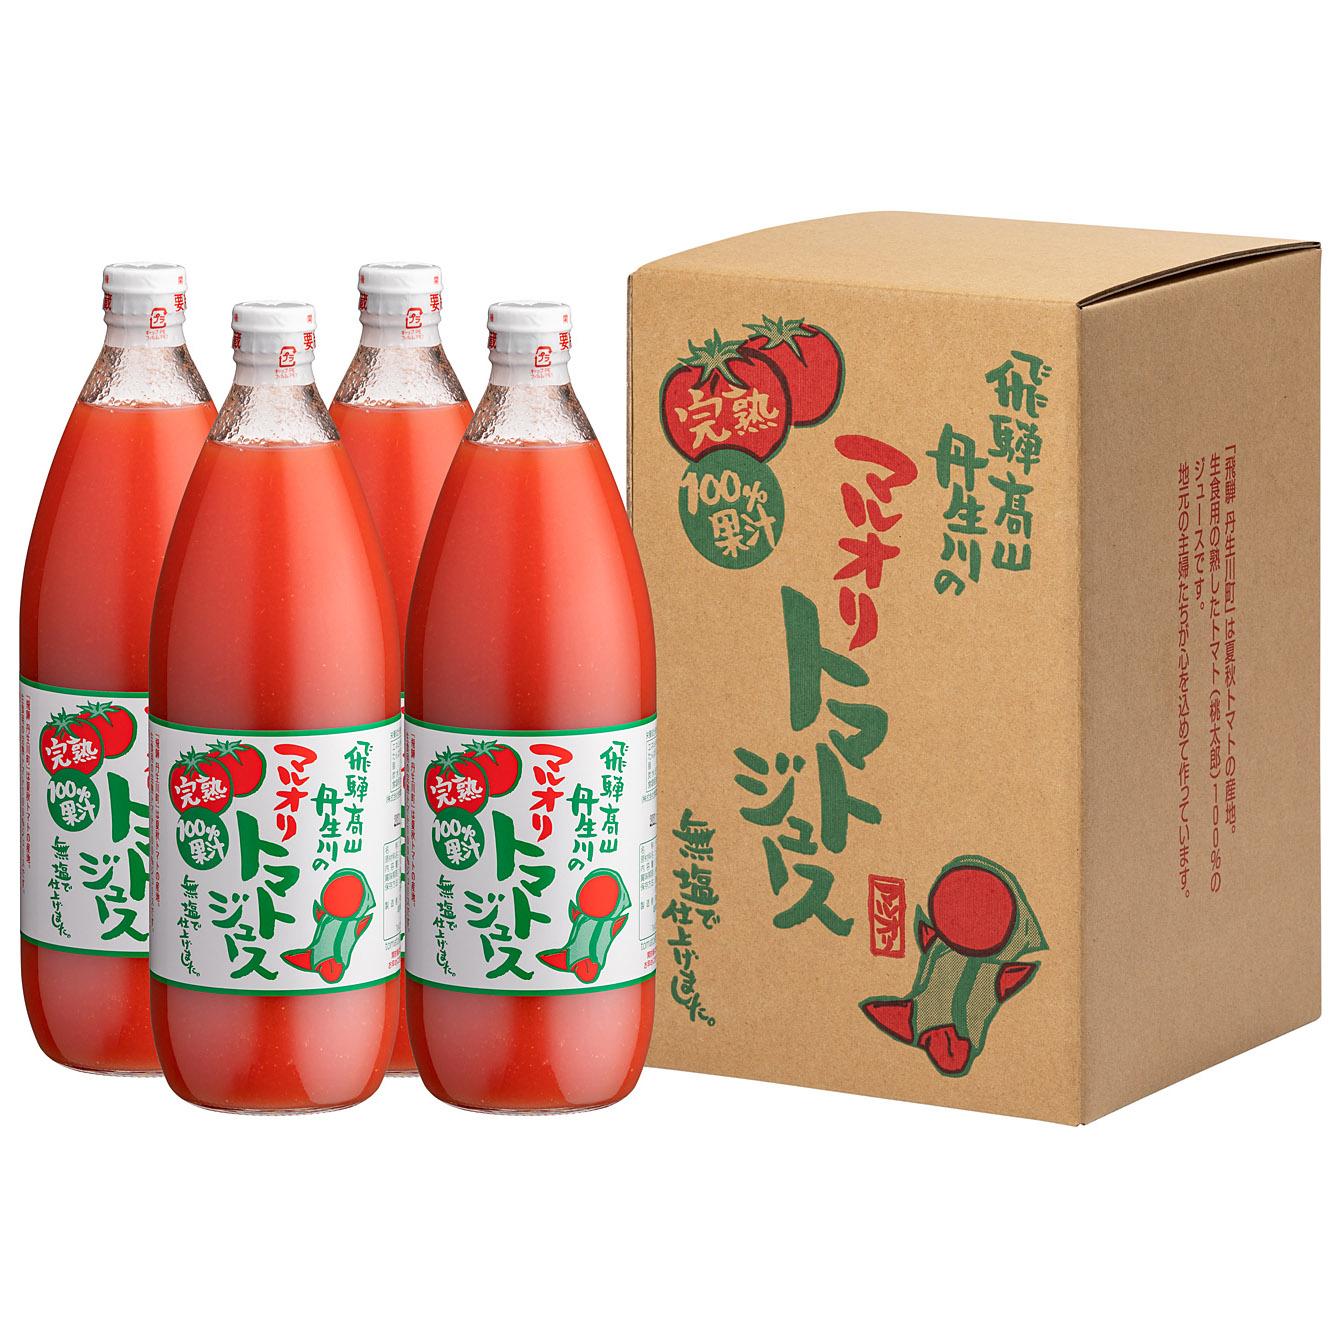 飛騨高山の完熟トマトを使用した、無塩・無添加のトマトジュース